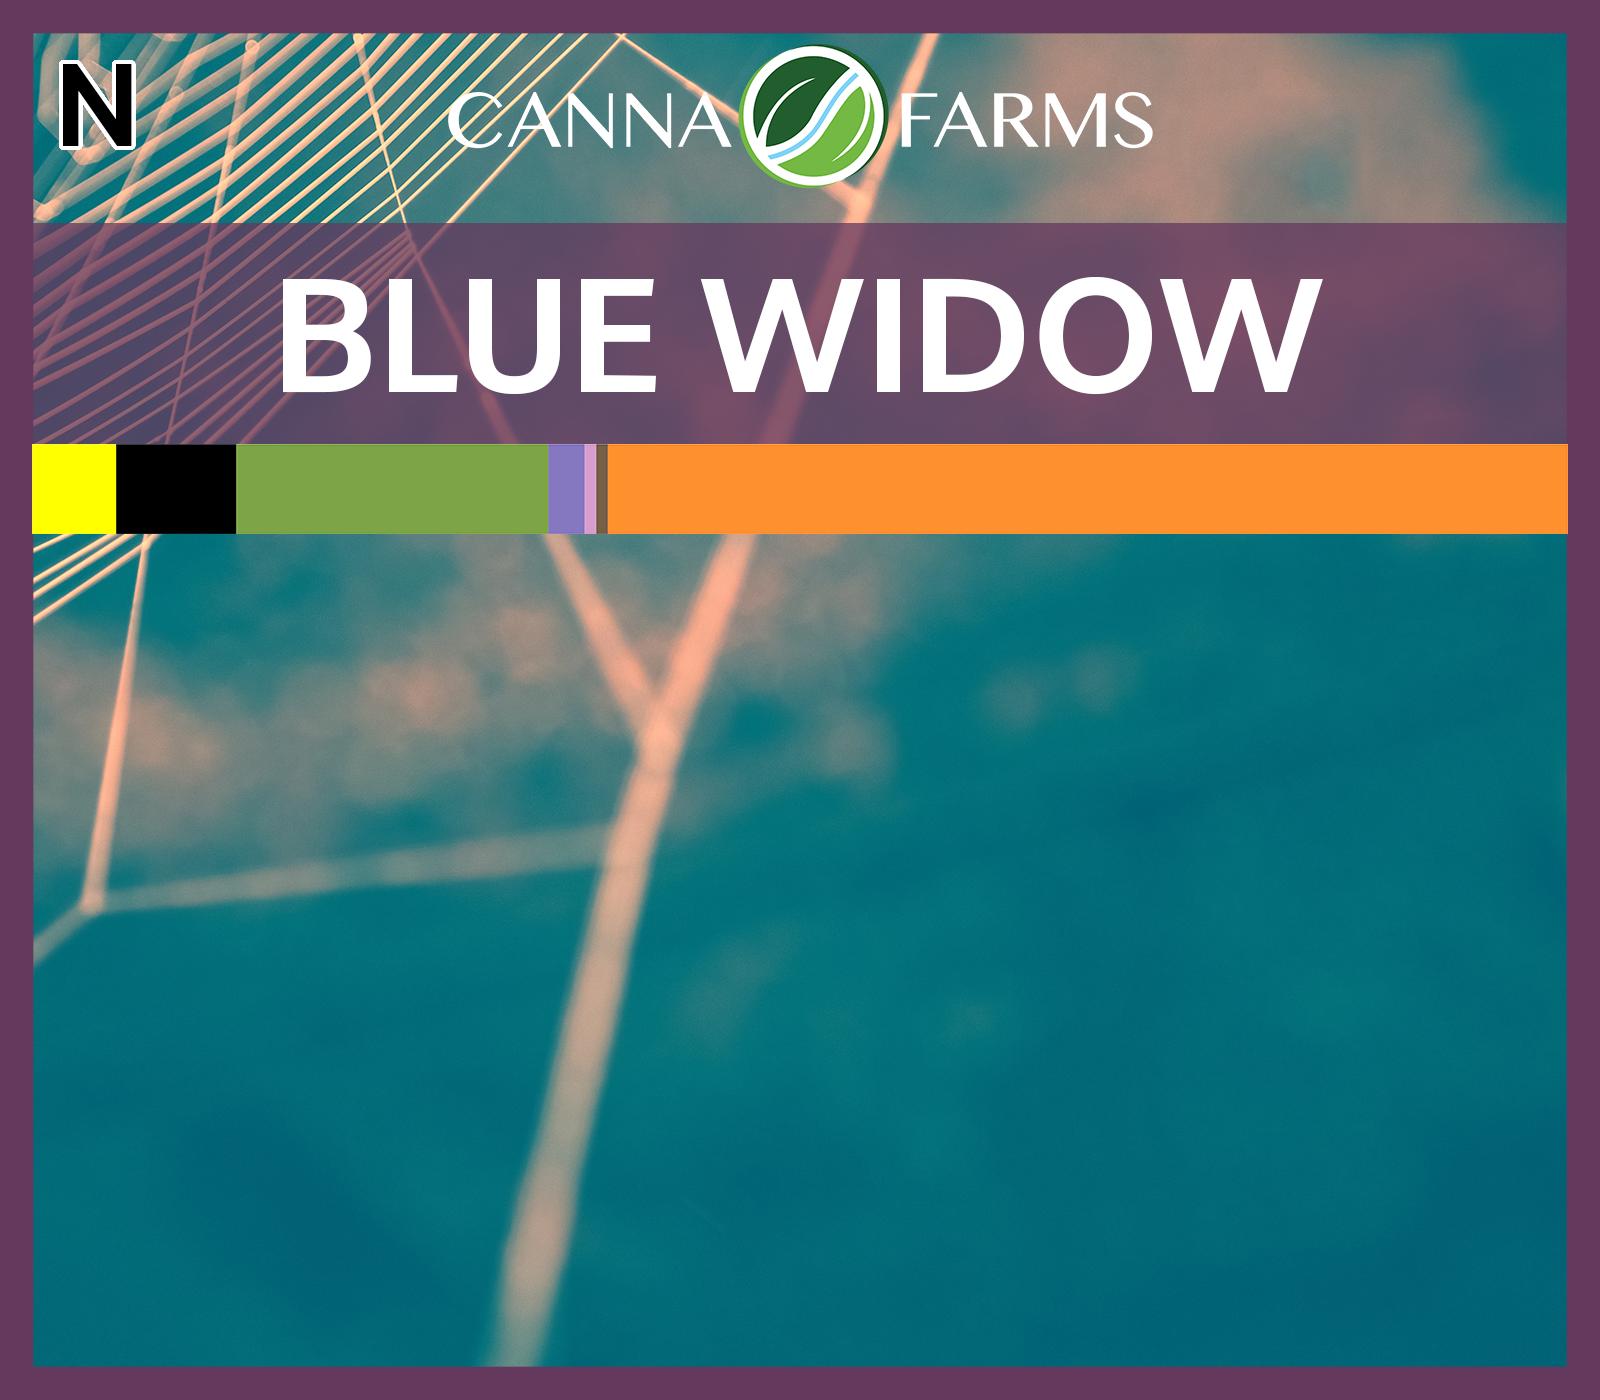 Blue_Widow_Blank.png